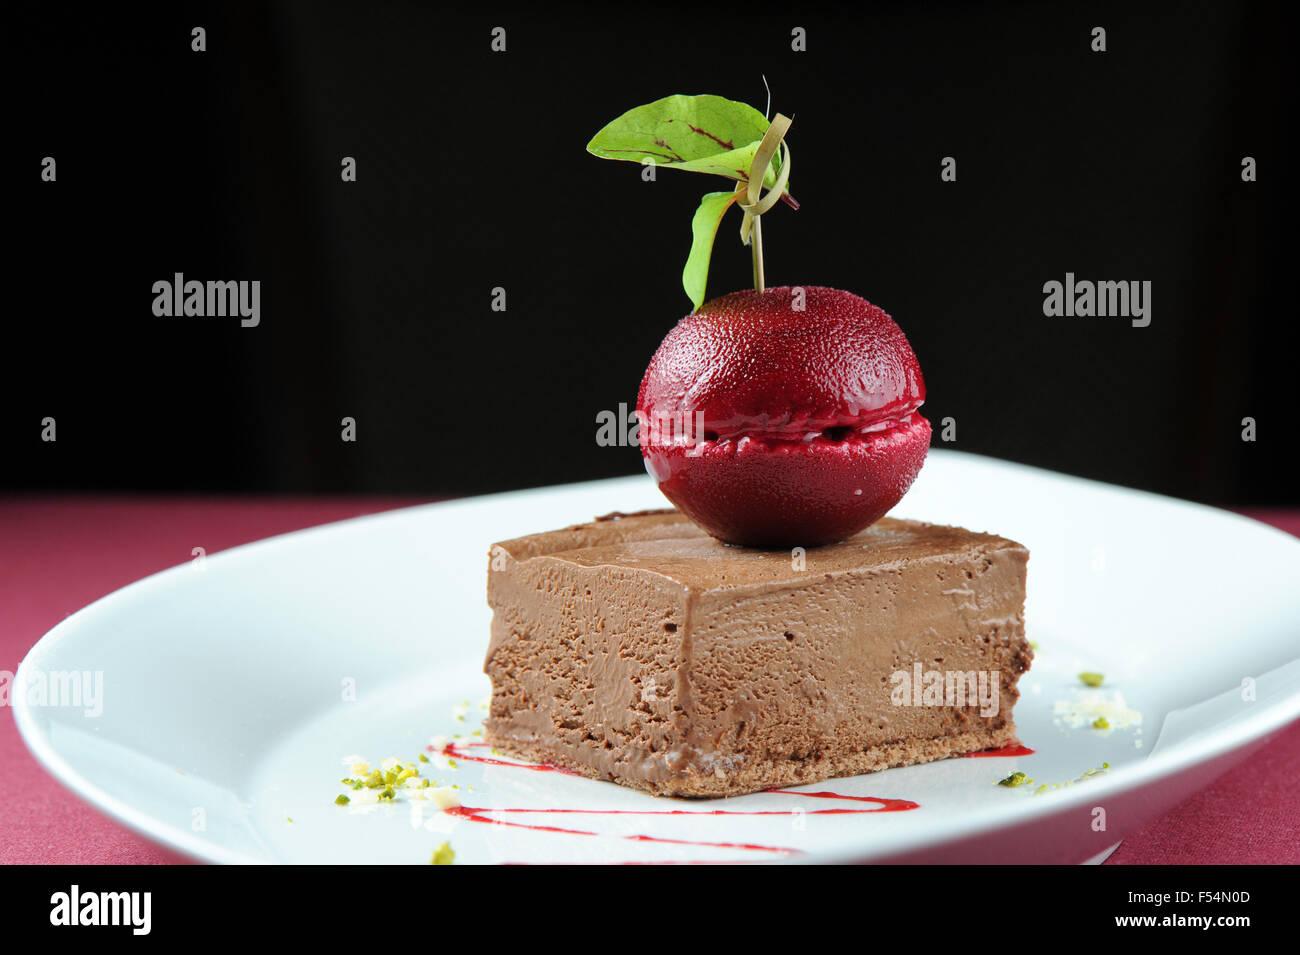 Gourmet mouse di cioccolato gelato dessert con una ciliegia scuro sorbetto. Immagini Stock